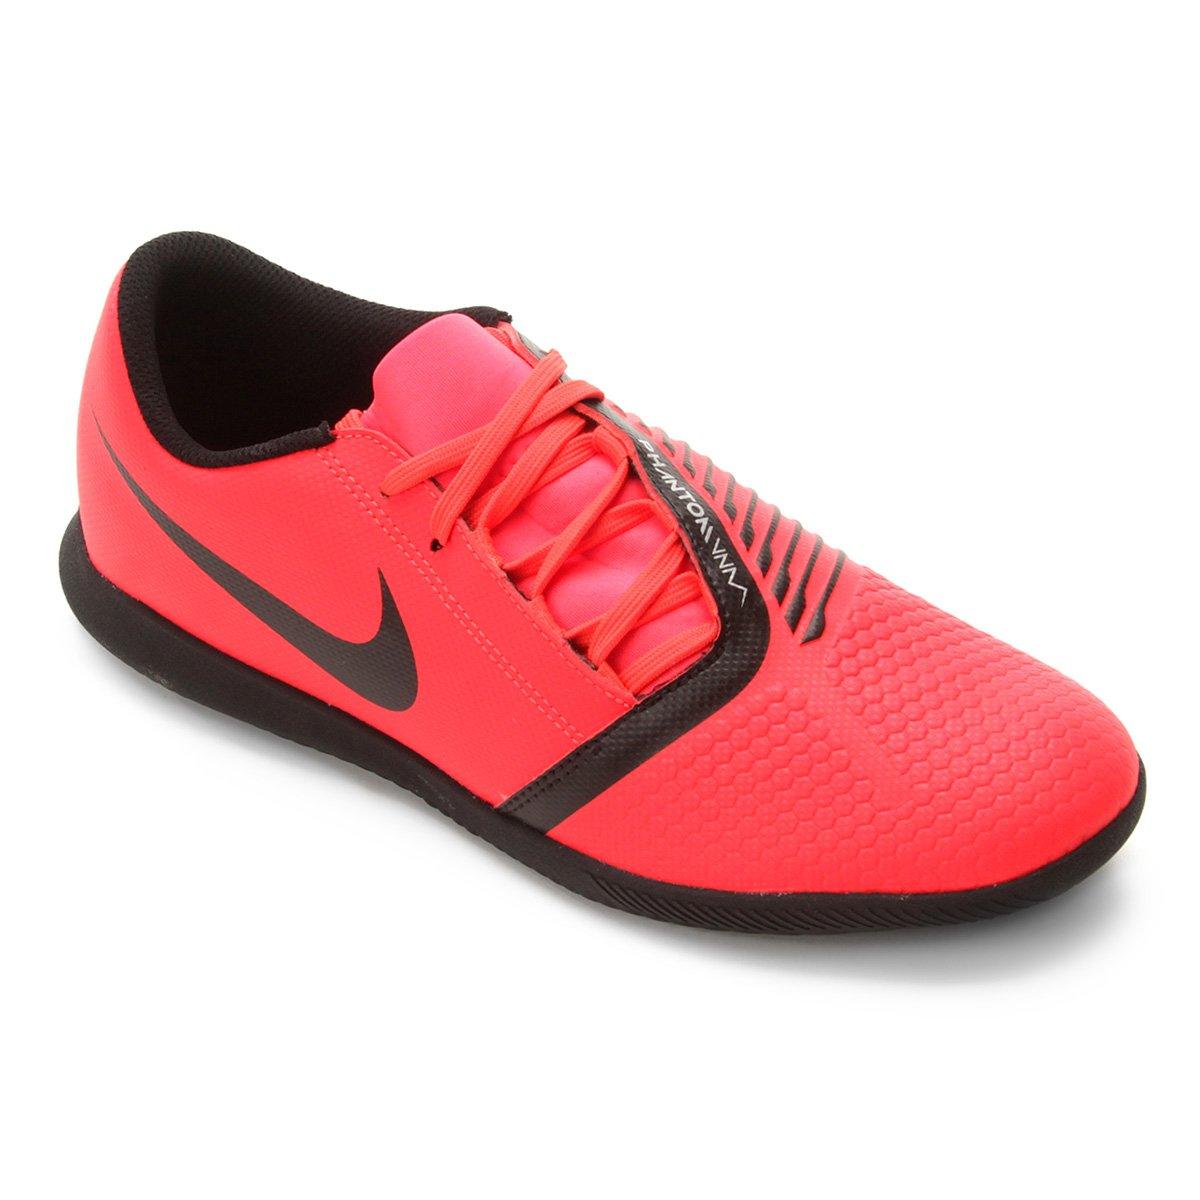 ab35f0325665d Chuteira Futsal Nike Phantom Venom Club IC - Vermelho e Preto - Compre  Agora